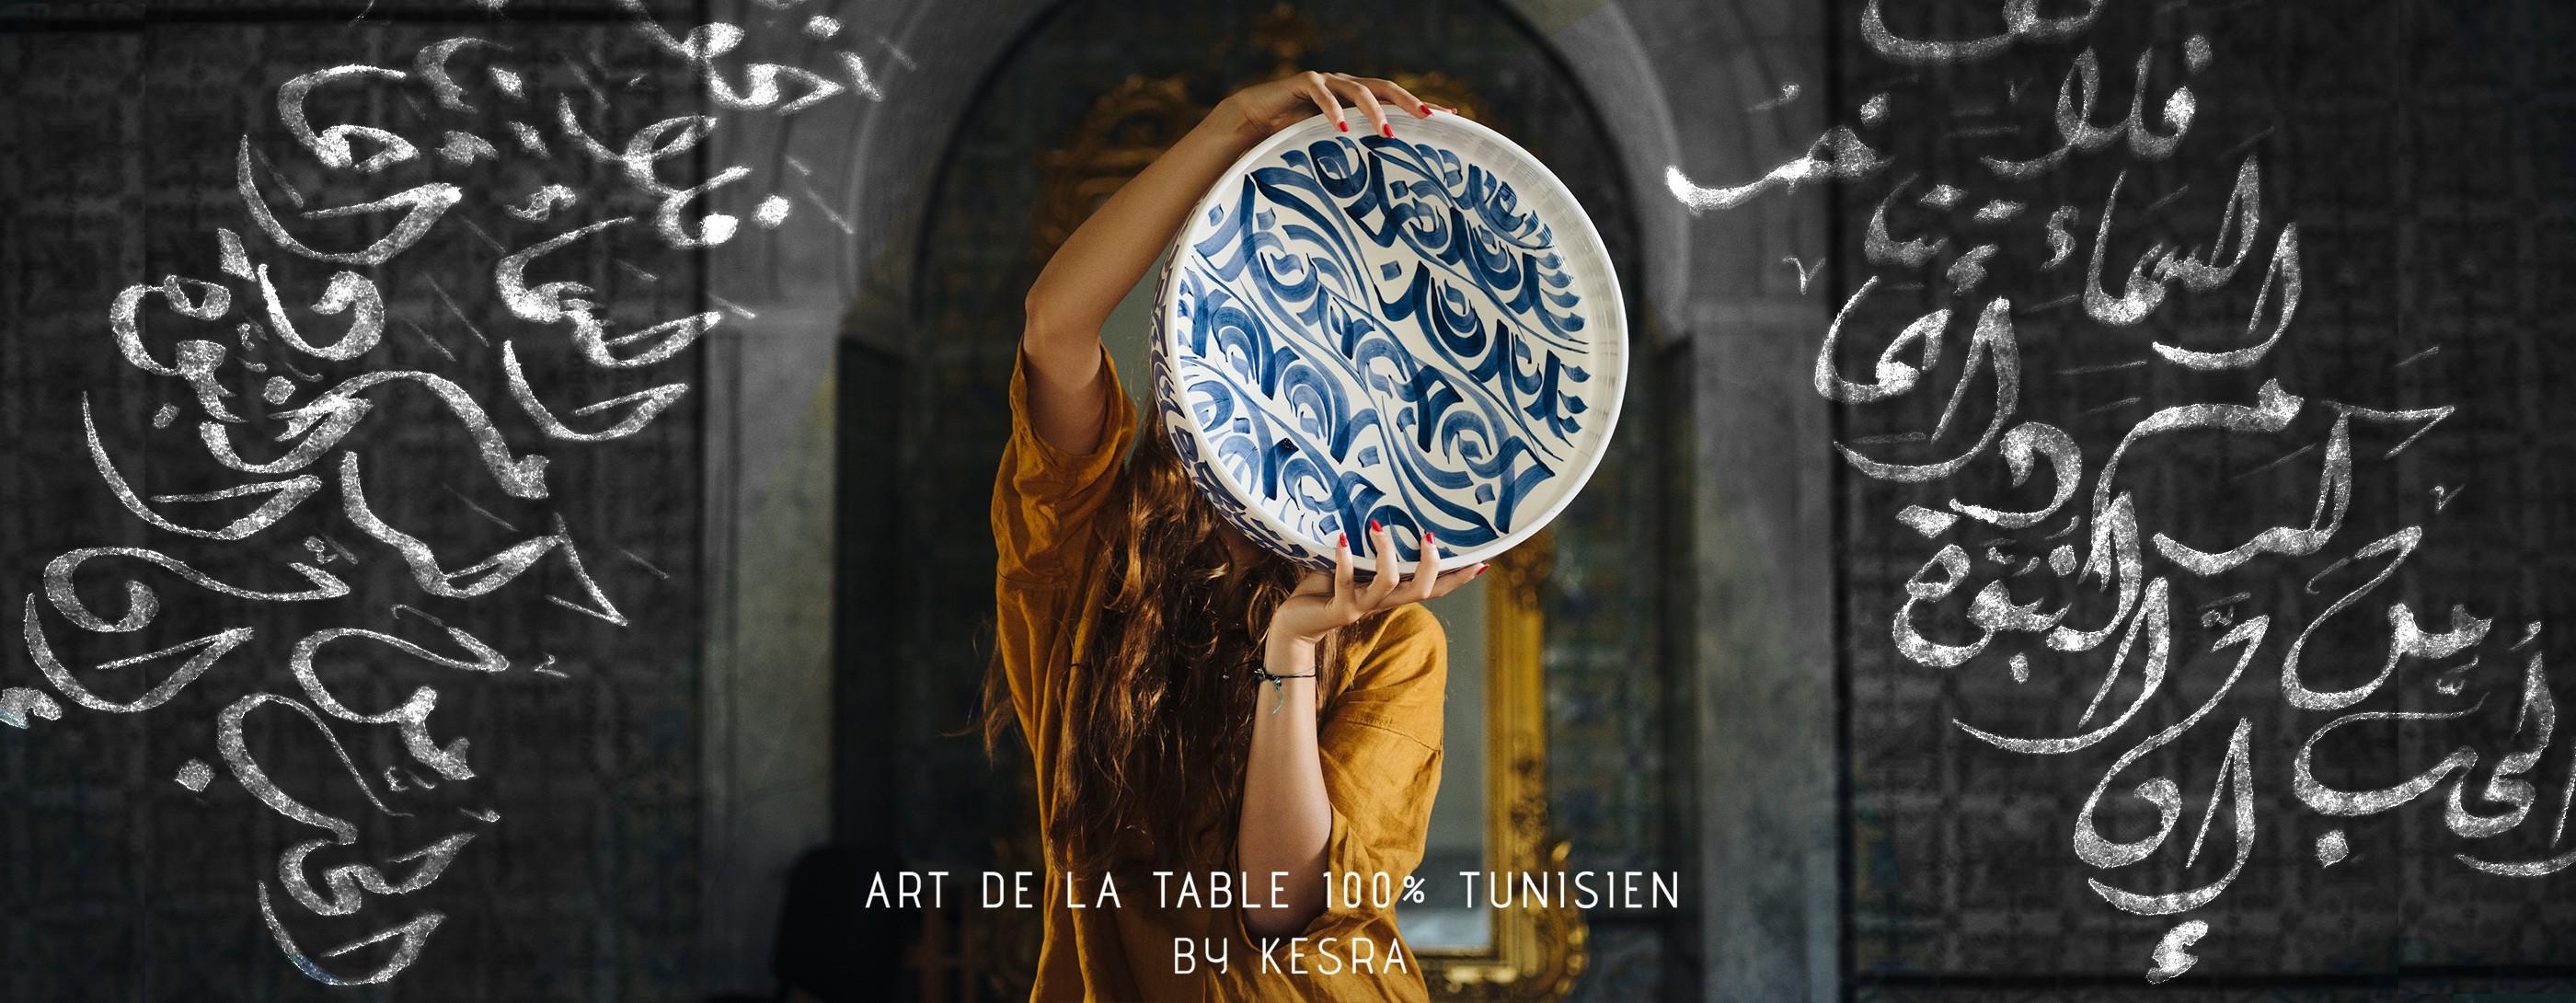 tanit souk vente produits tunisiens habillement, l'accessoire , épicerie et la déco salma jardak